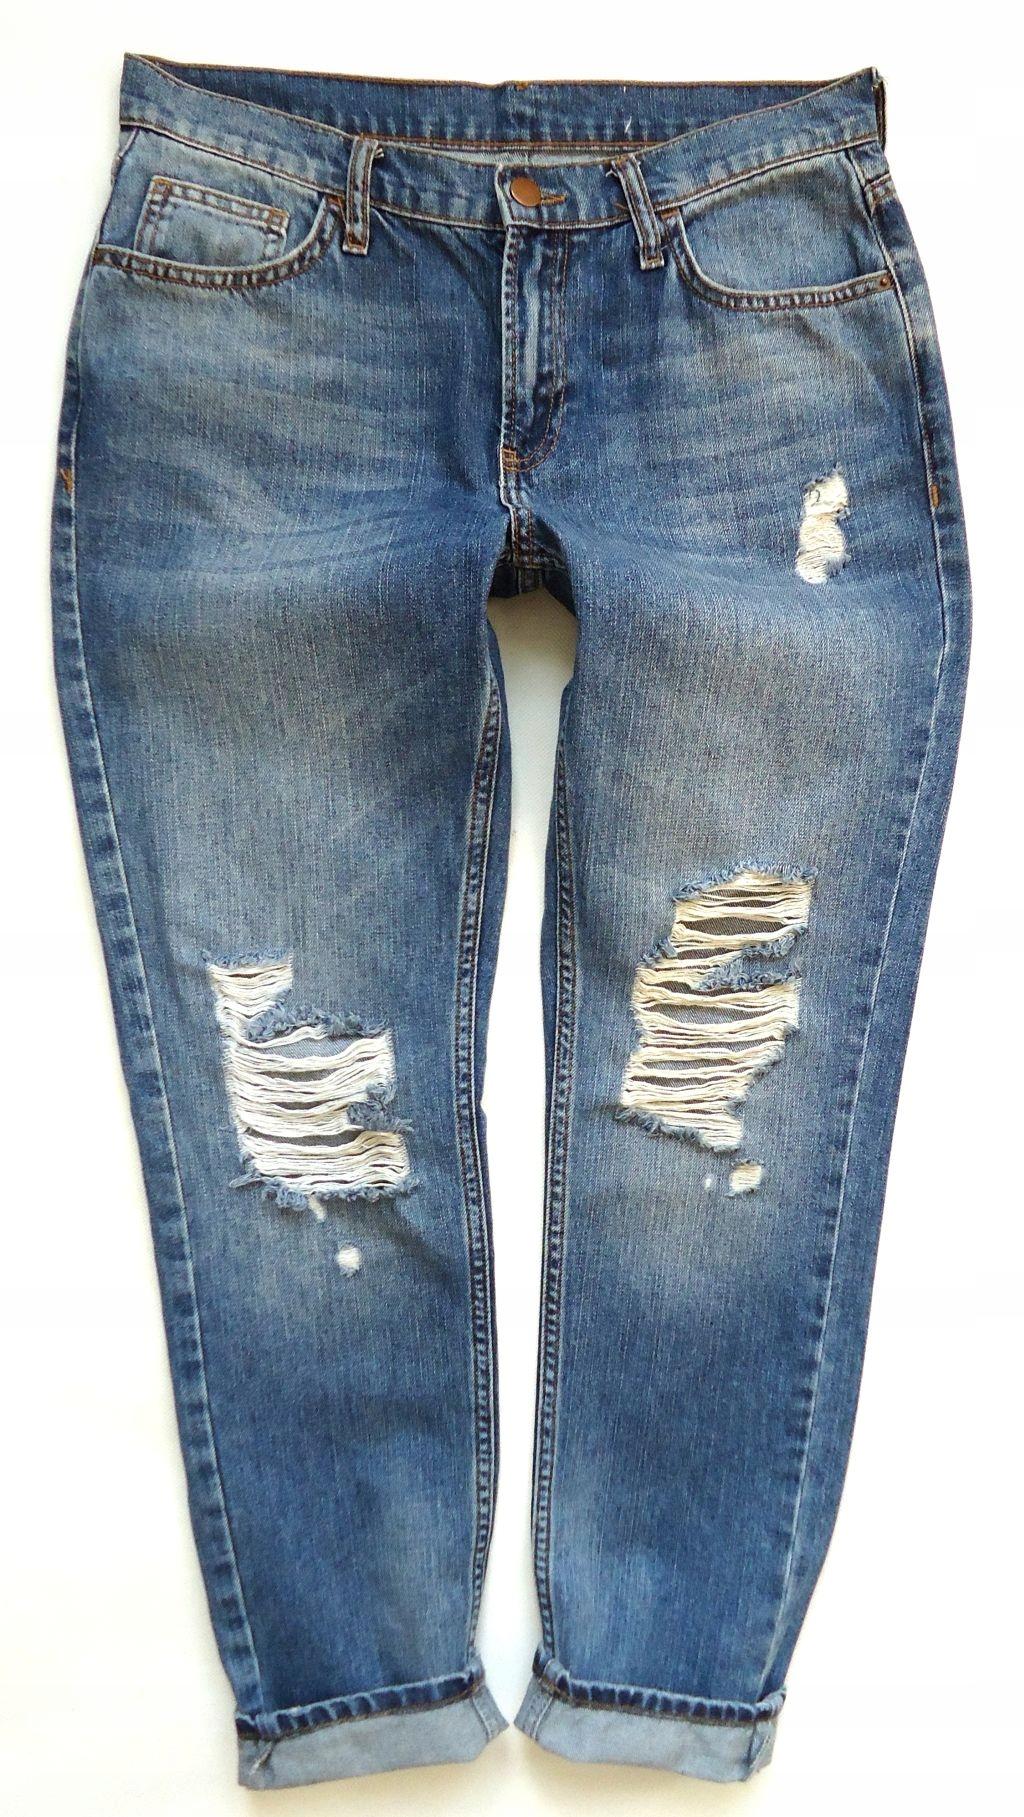 f45c468f22a4 DENIMco spodnie rurki MOM jeans dziury 36 38 - 7650953302 ...